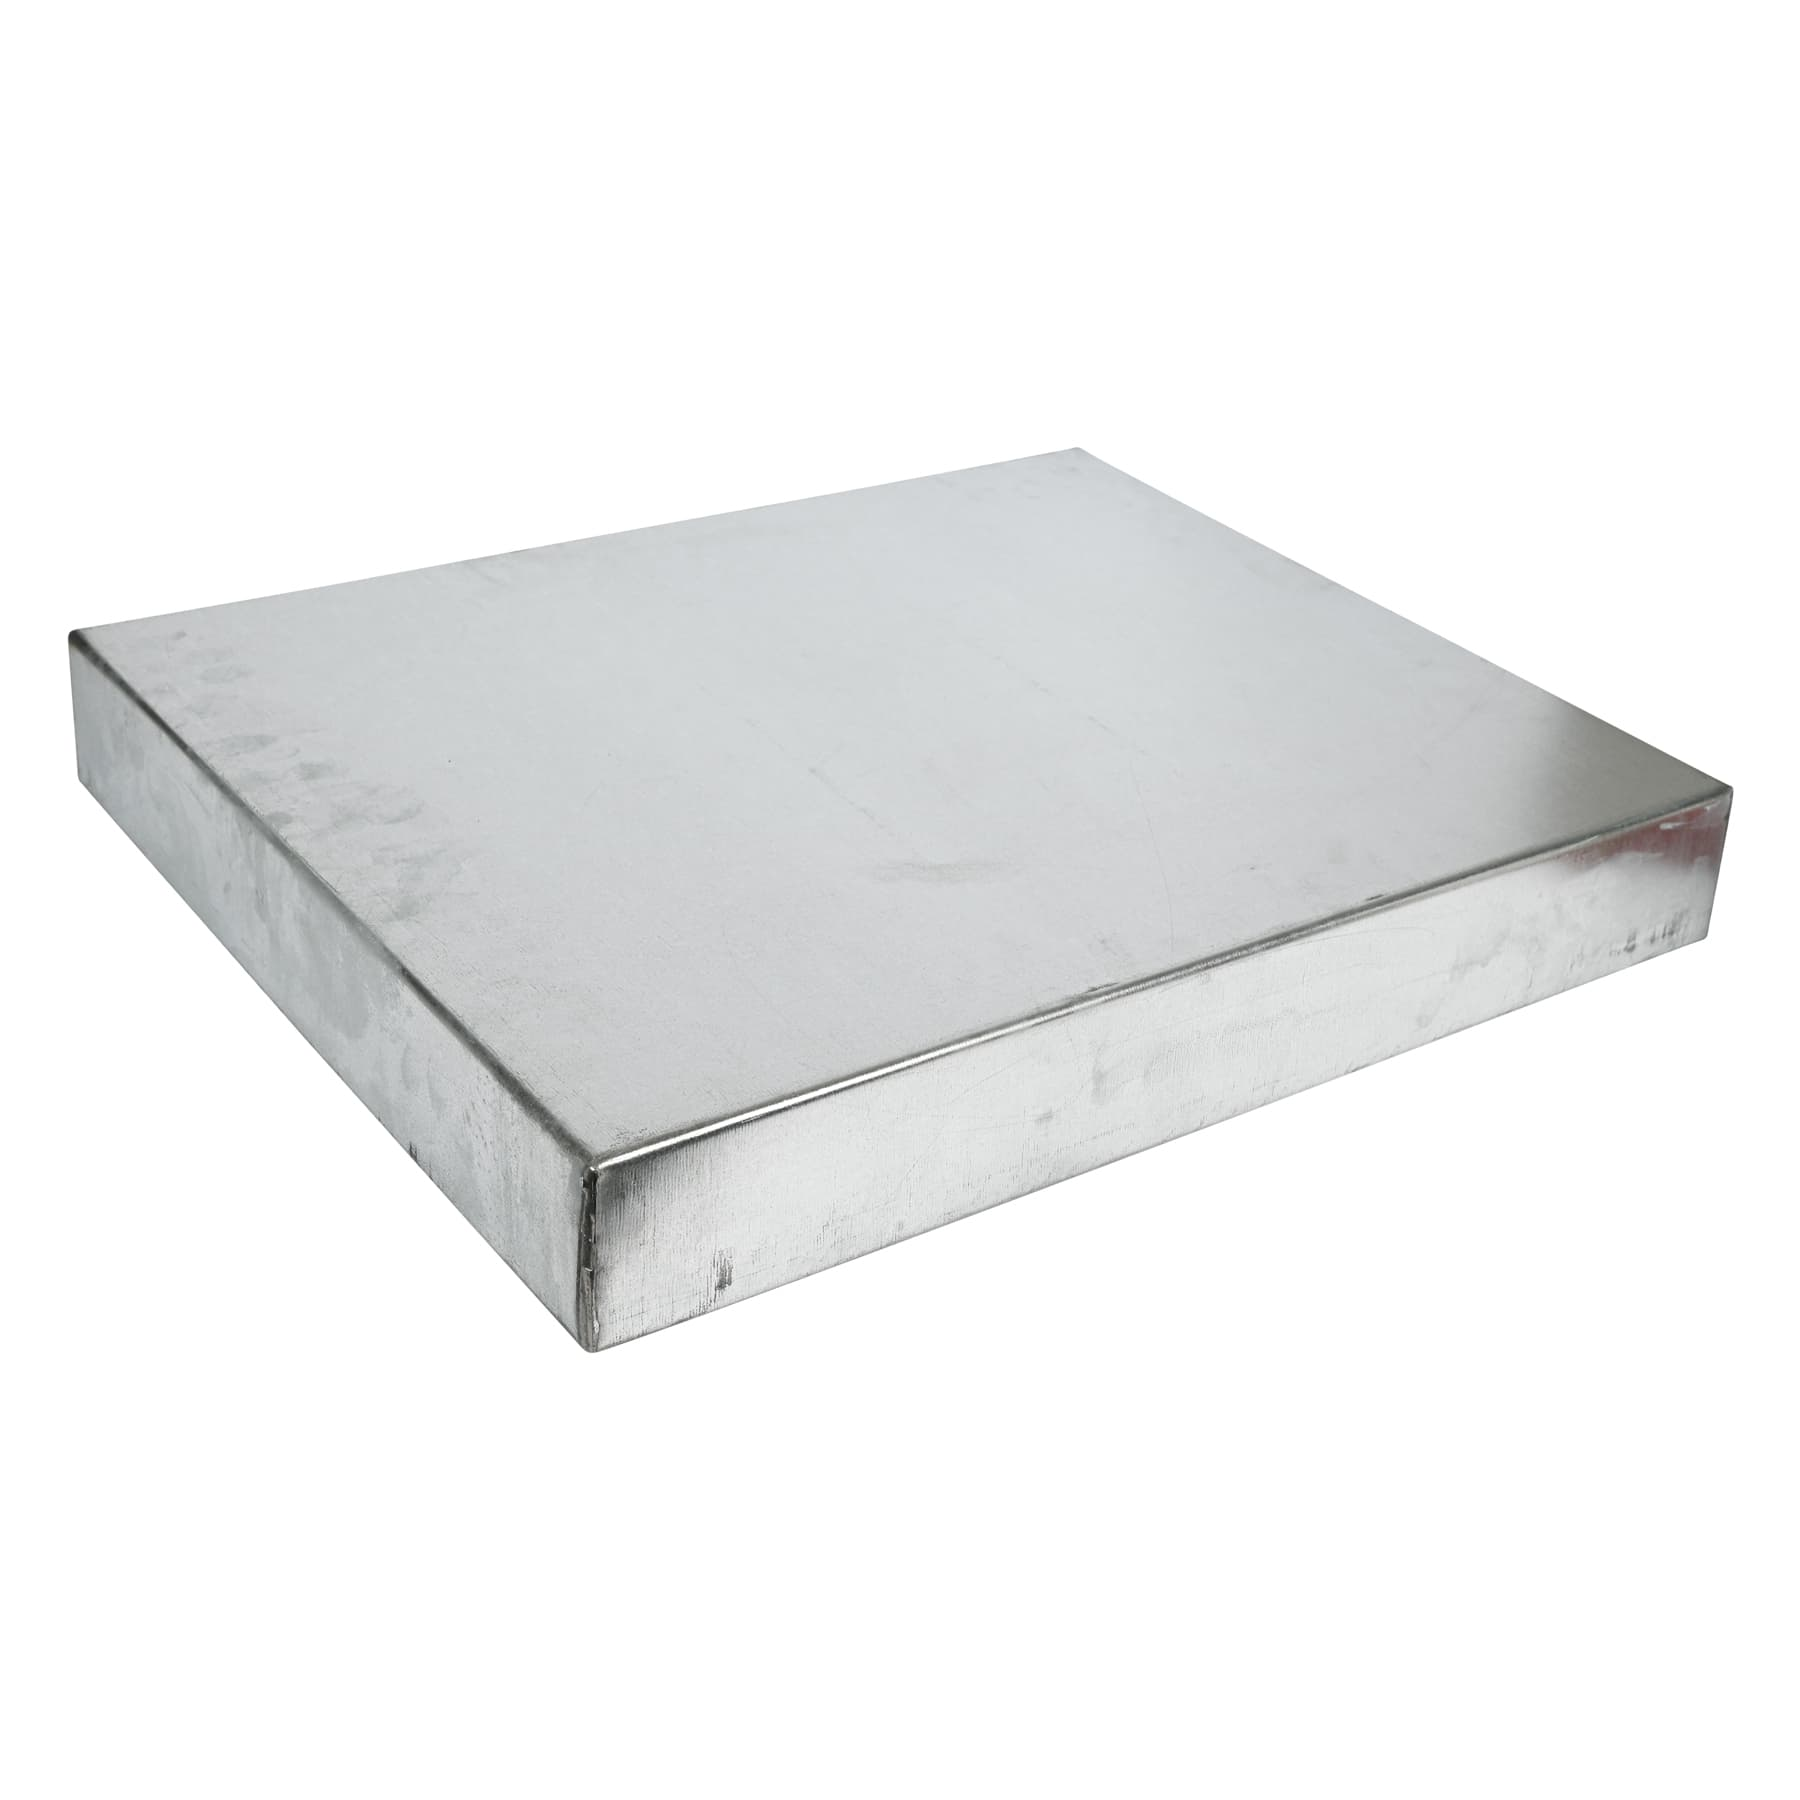 Blechdeckel, verzinkt, rechtwinklig abgekantet, Innenmaß 390 x 530 x 65 mm für 9 Waben Einfachbeute (Gellerbeute),